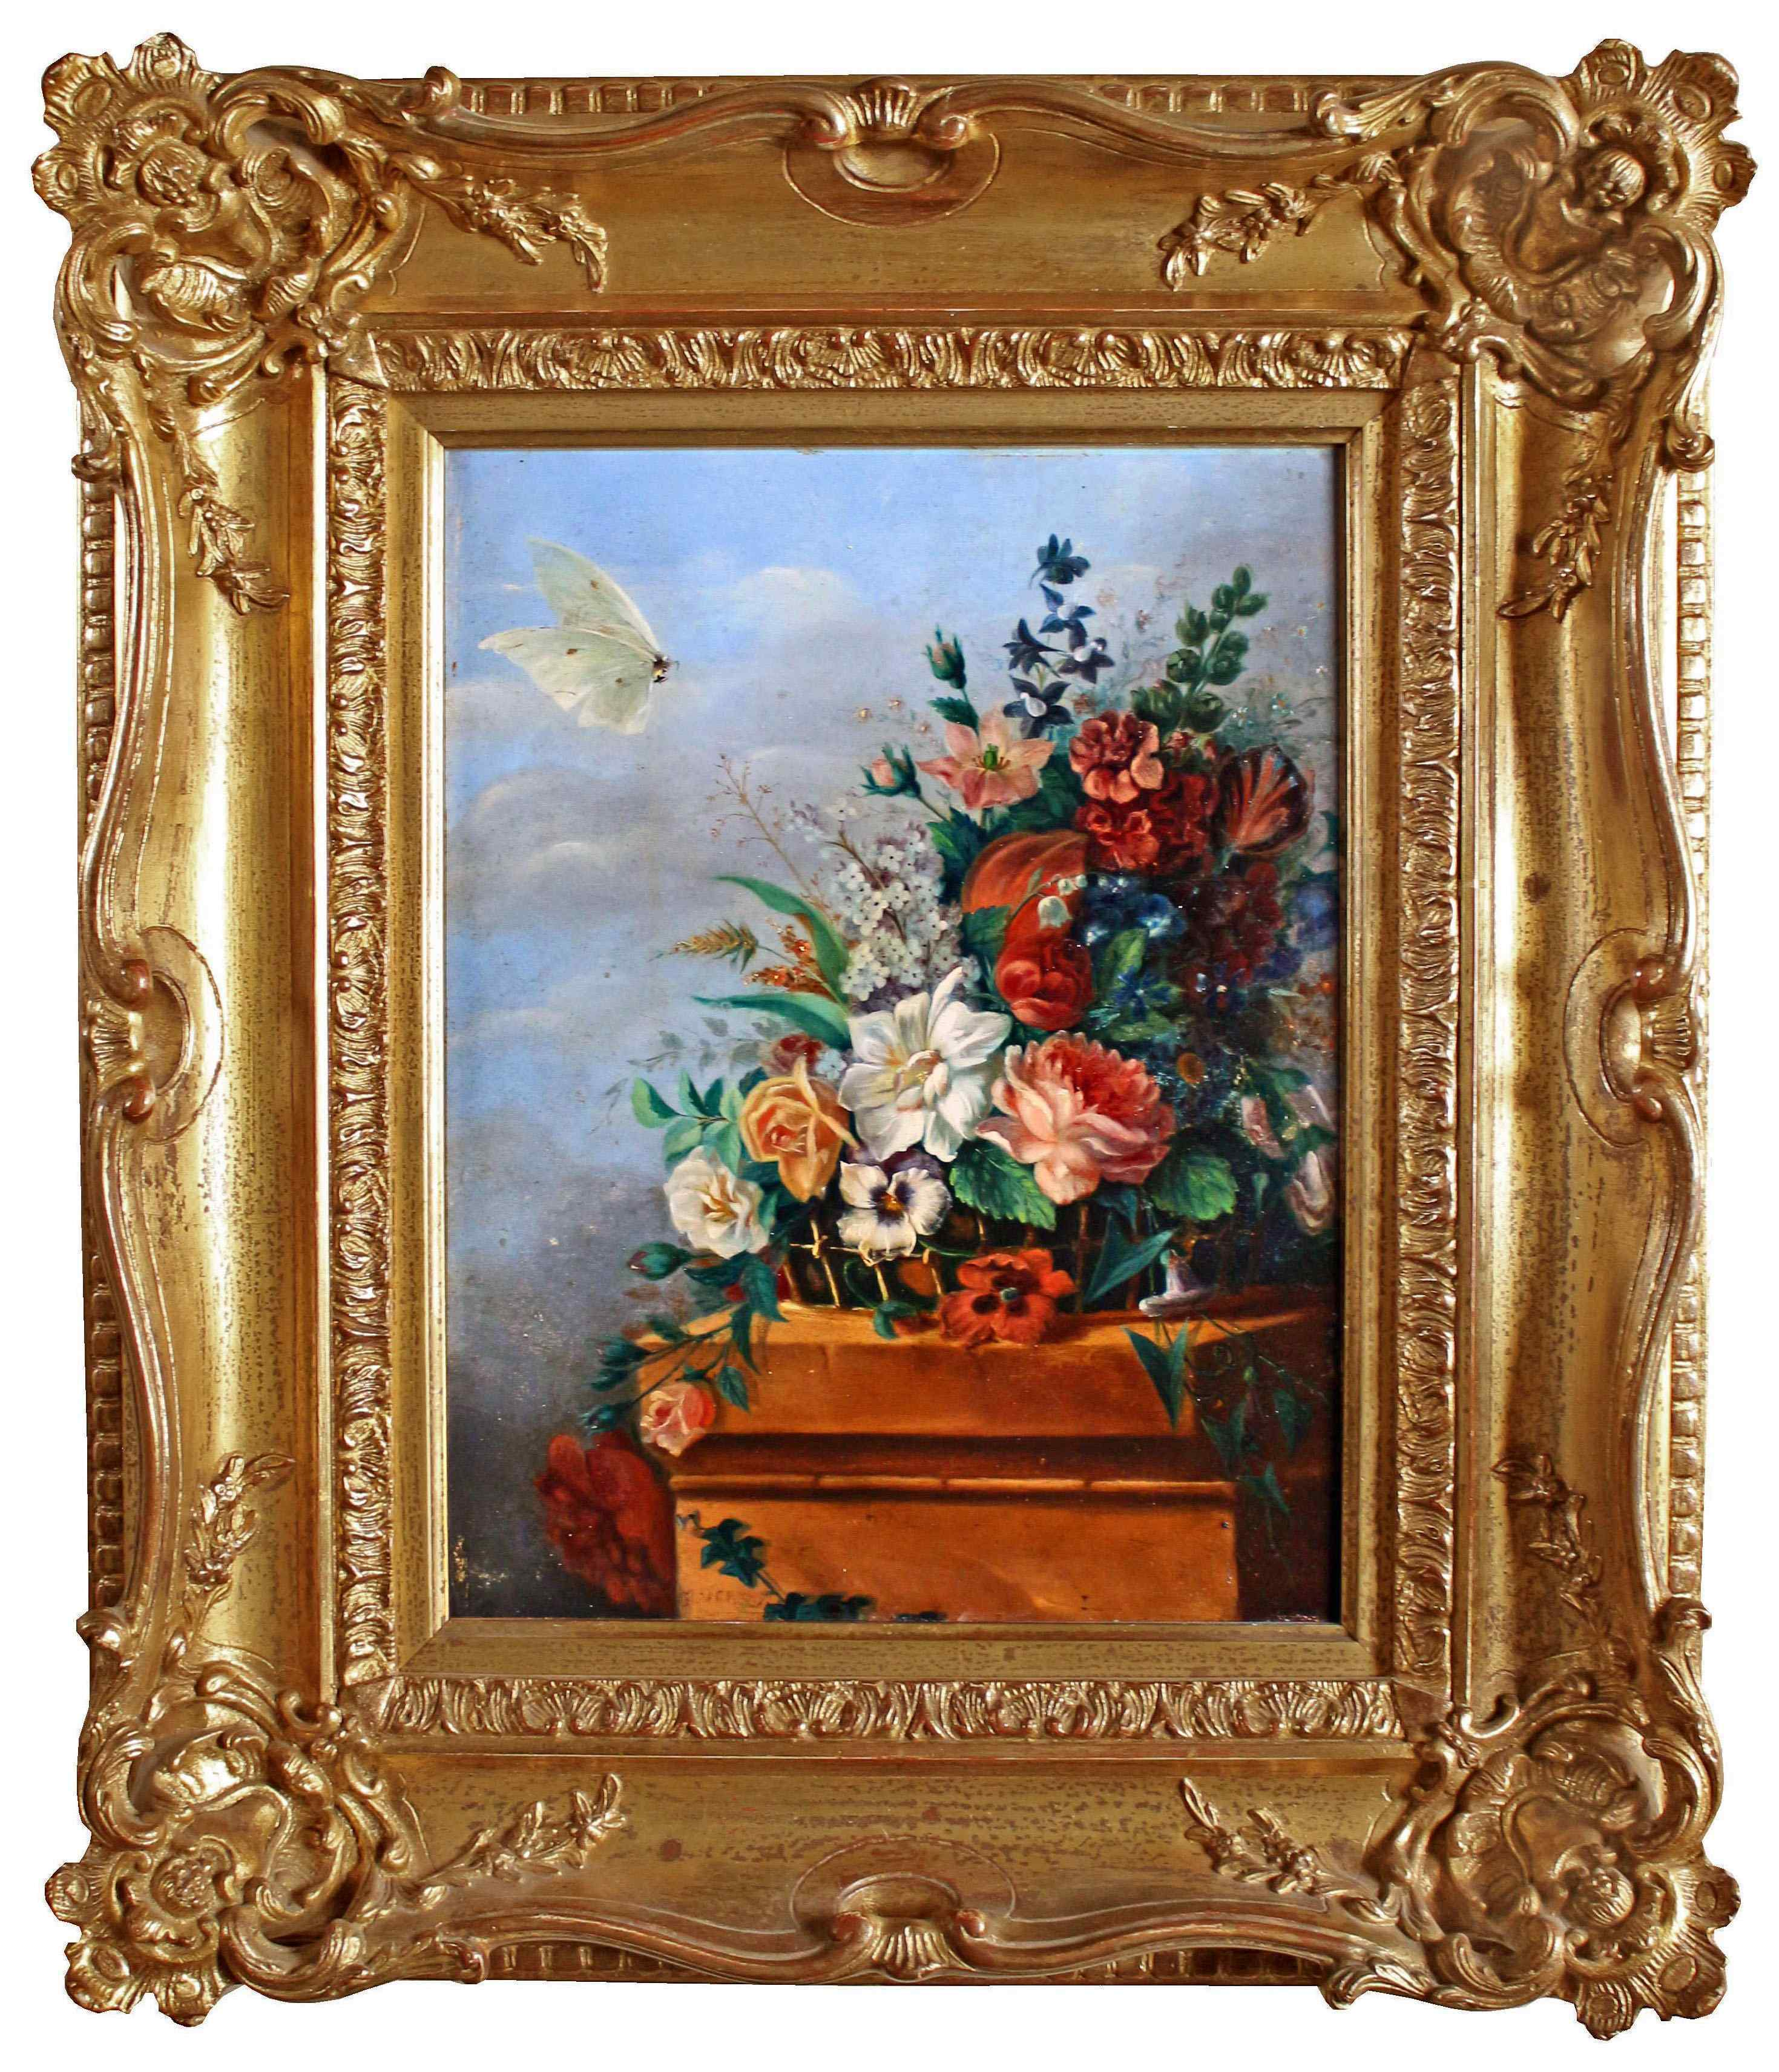 Antico quadro con fiori, firmato